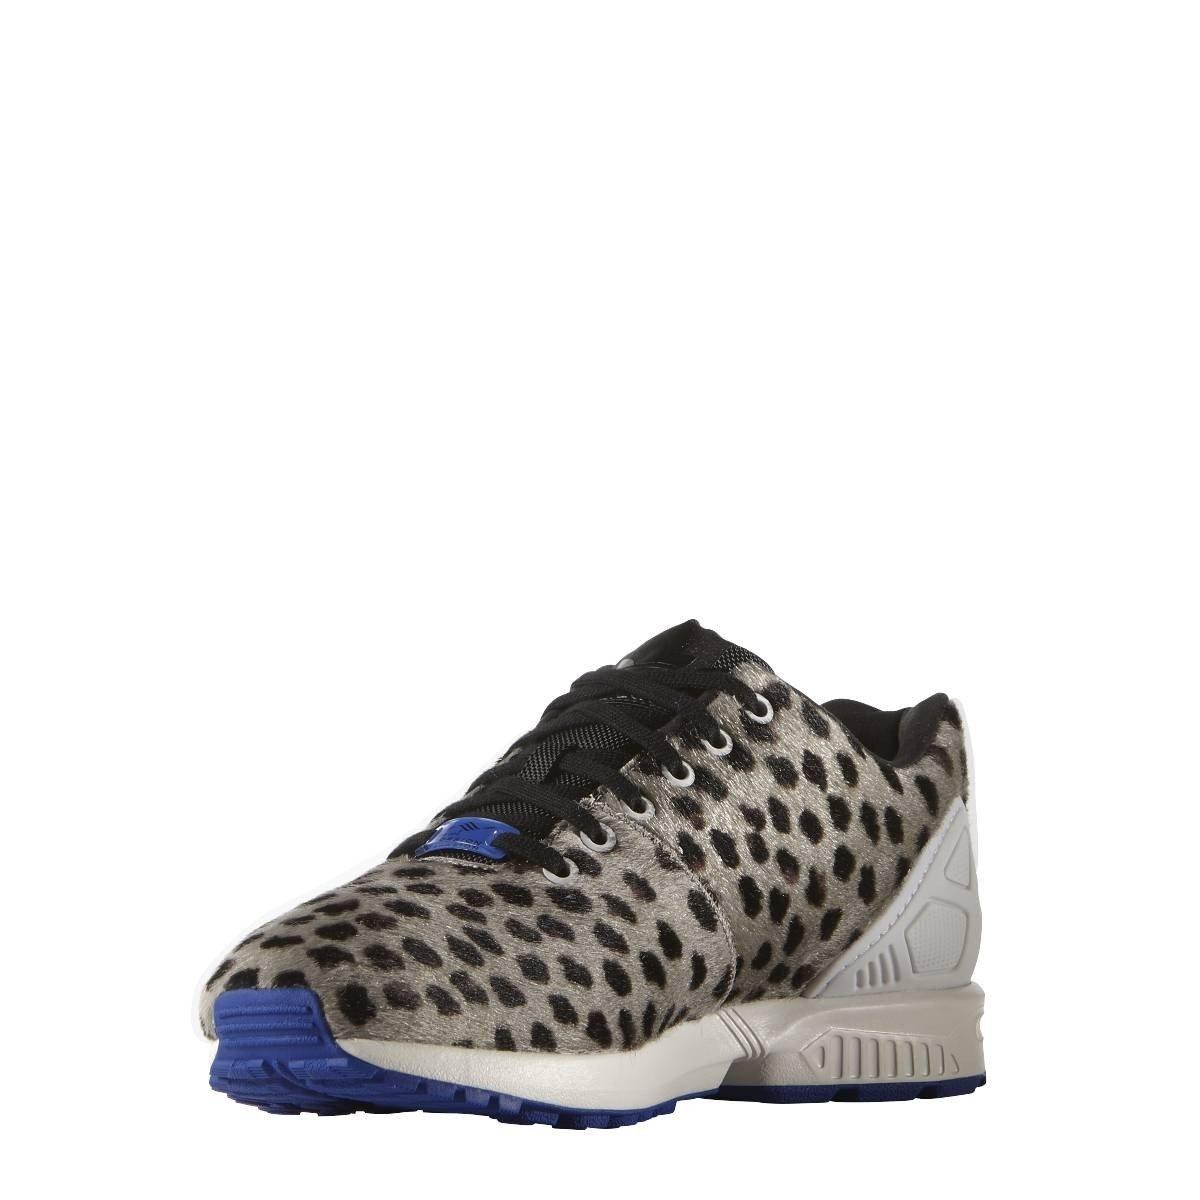 Adidas Adidas Adidas Zx Flux - vinwht vinwht boBlau, Größe 9 73579f